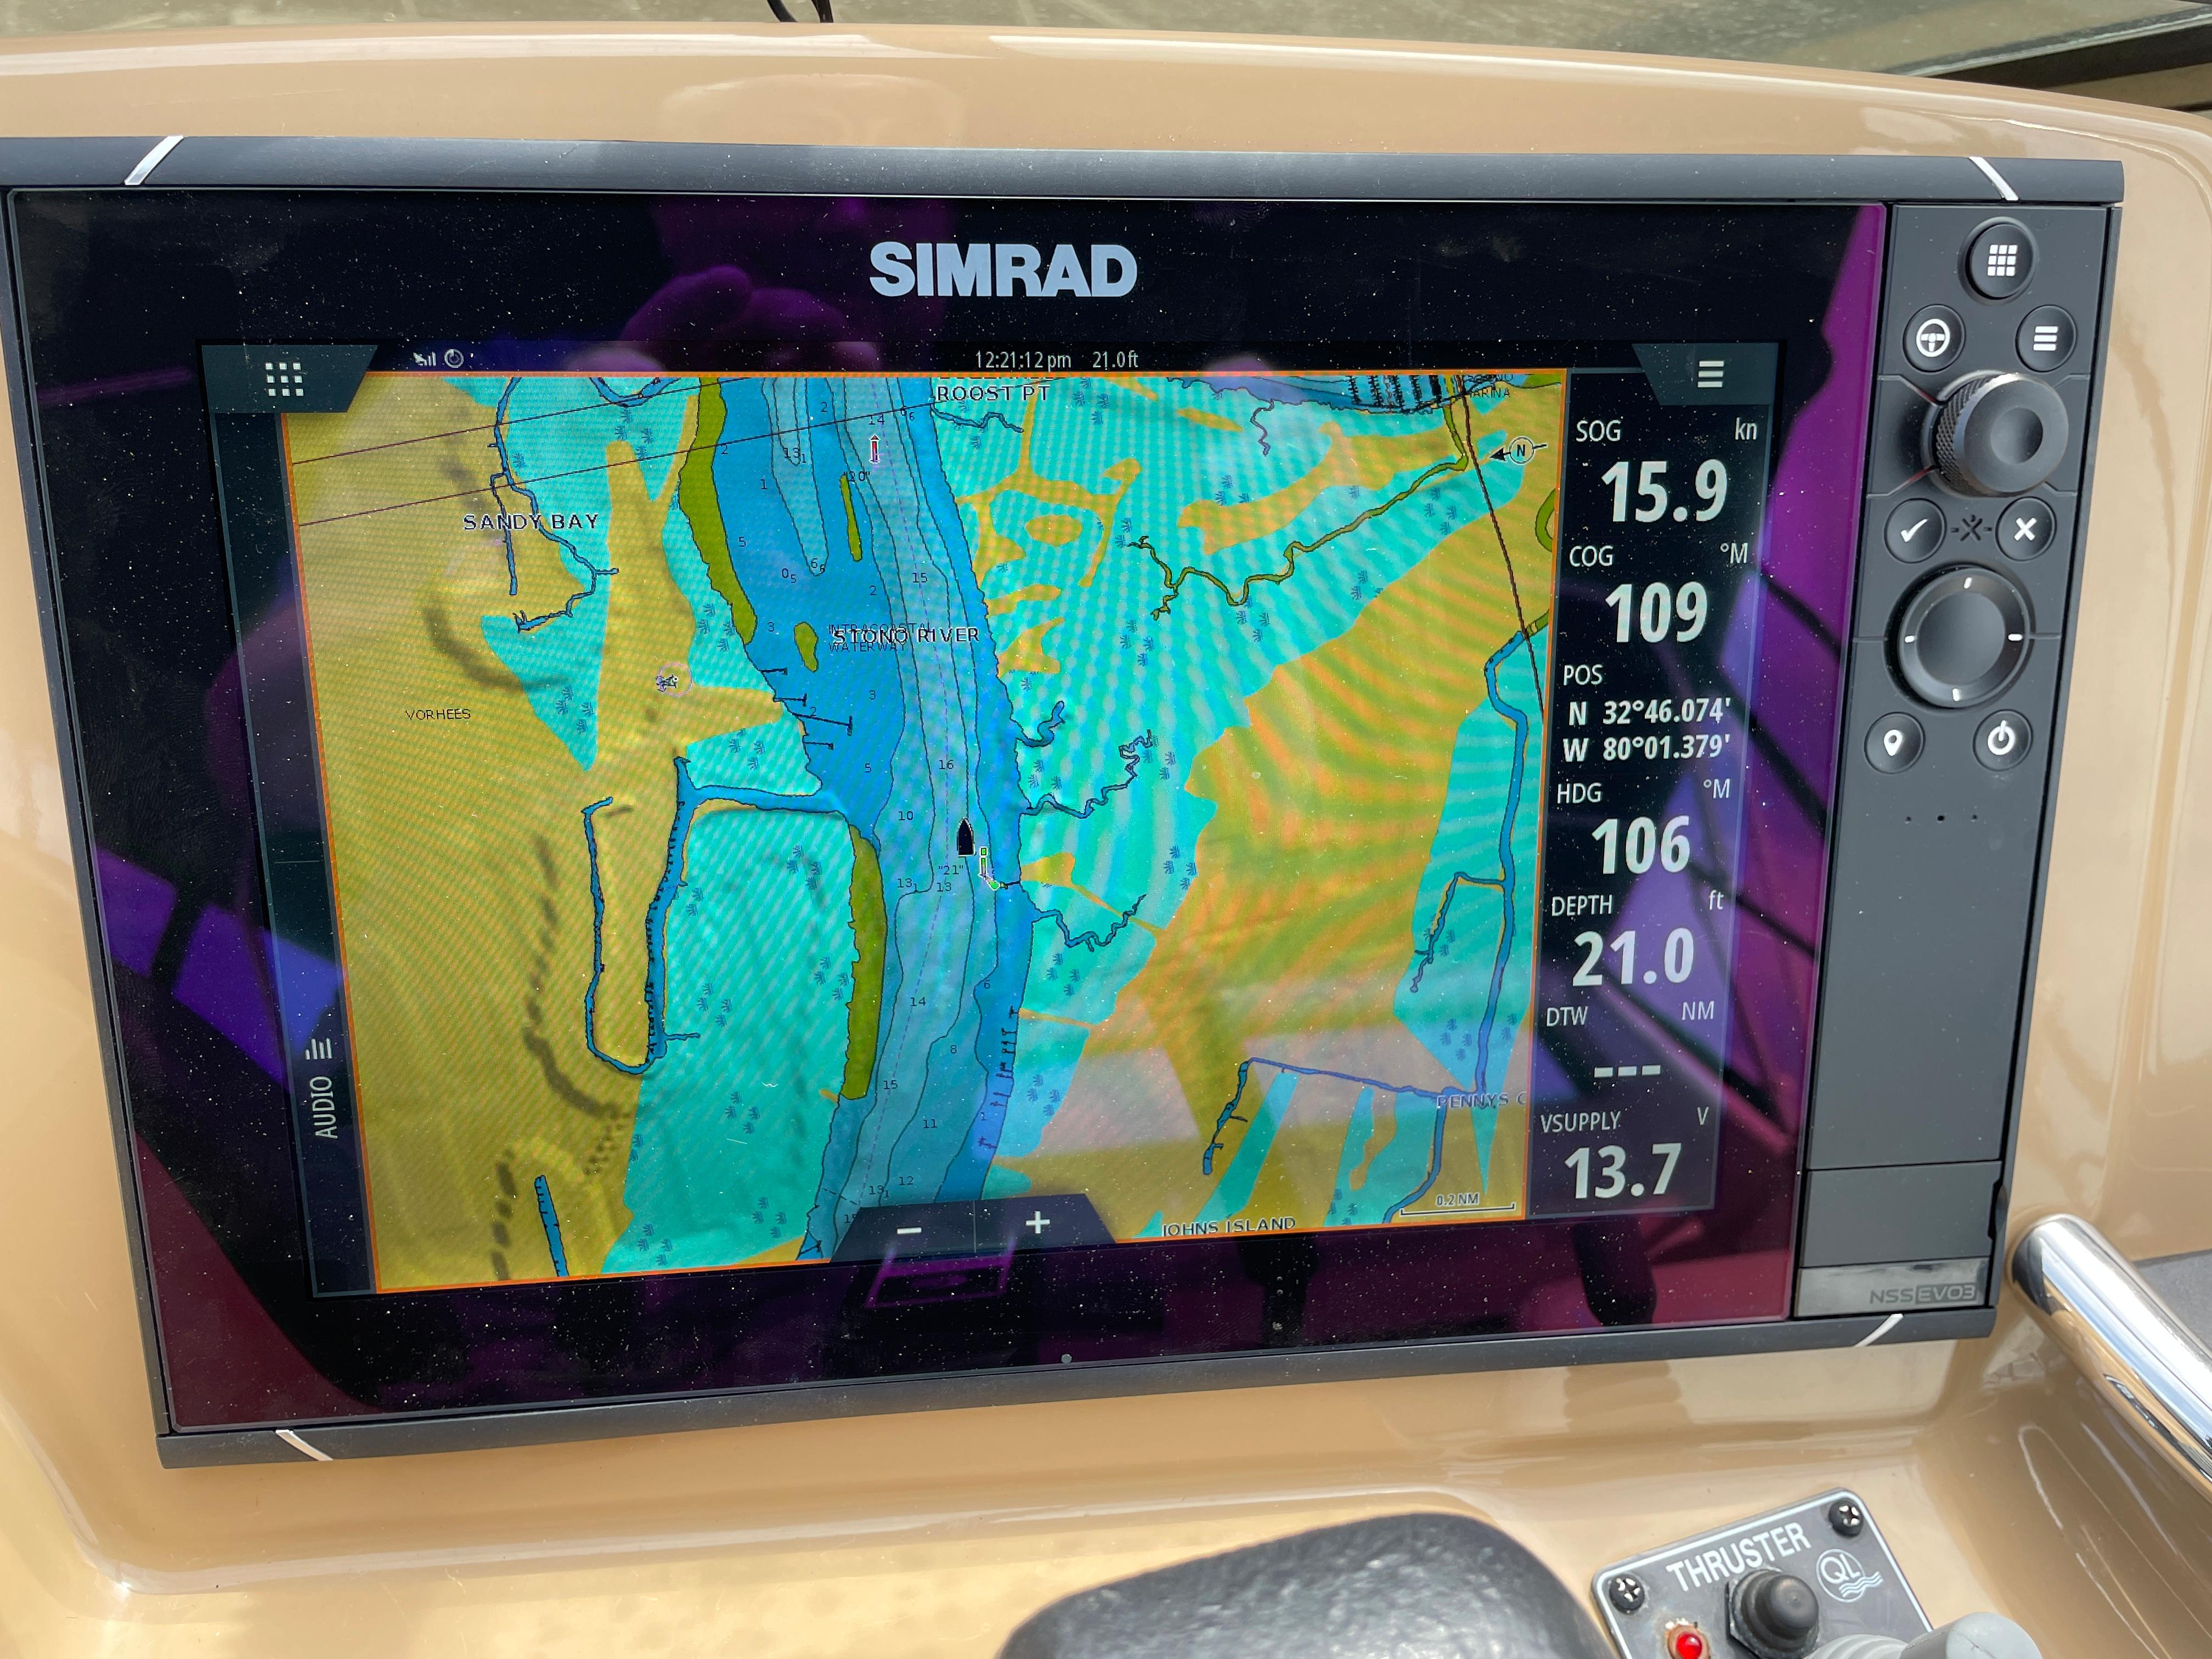 Carver 444 Cockpit Motor Yacht - New Simrad Chartplotter/Radar/Sounder